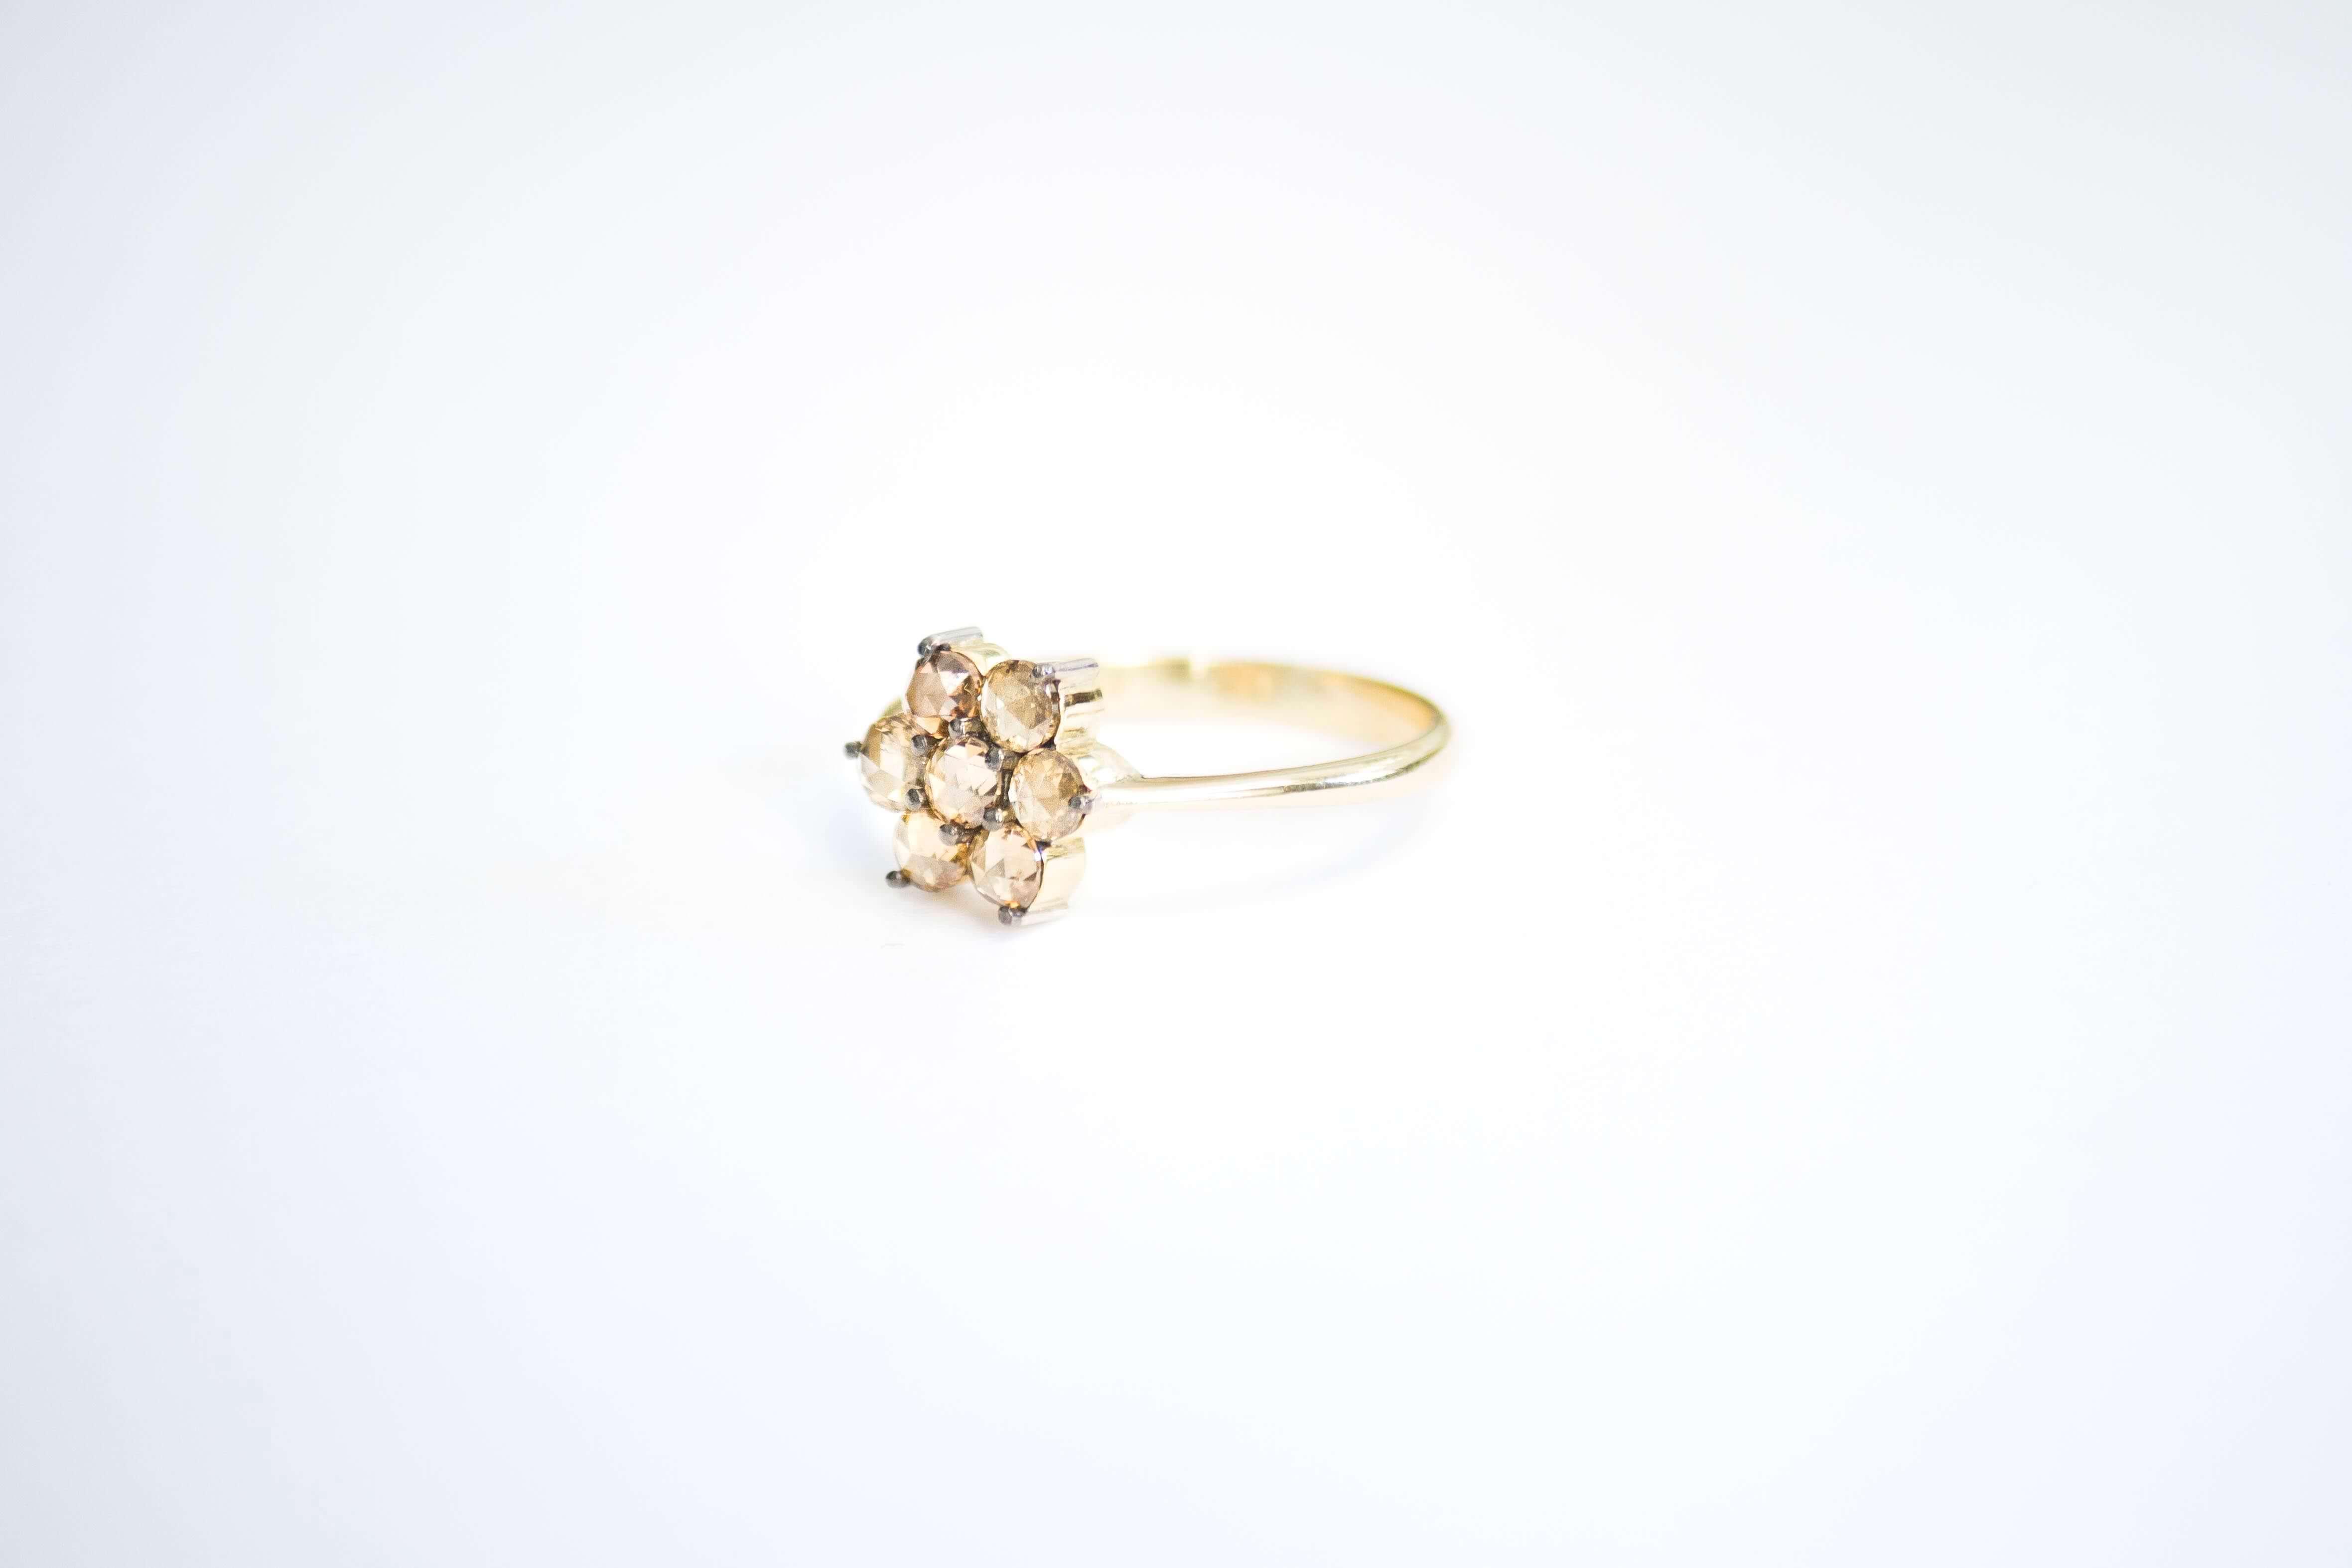 florrosecutdiamondsring1FICHA-oonacollections